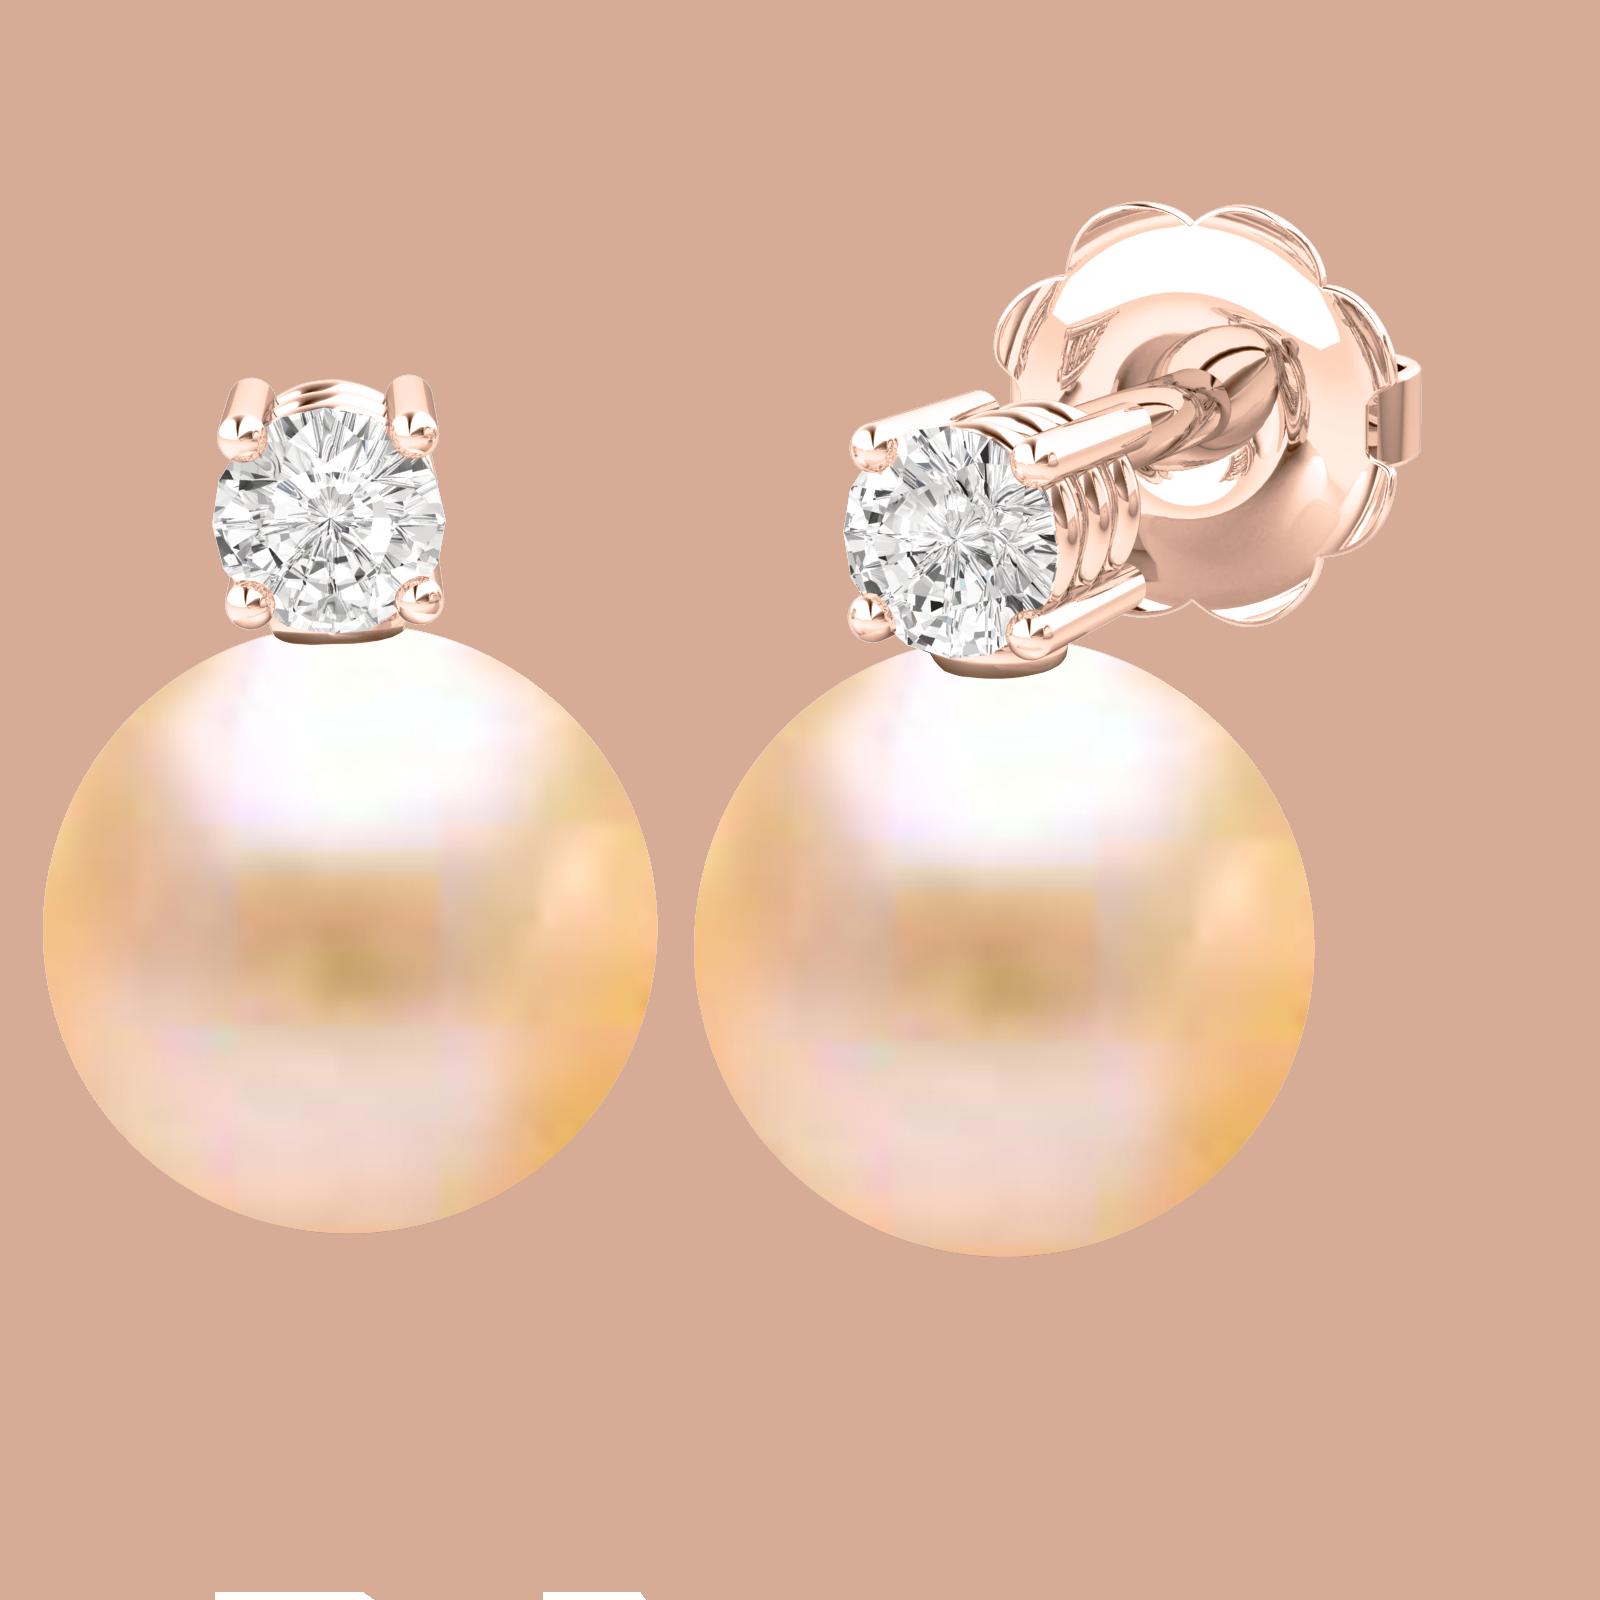 Cercei Aur Roz 18kt cu Perle Piersic Deschis de 8mm si Briliante Rotunde Sclipitoare-img1